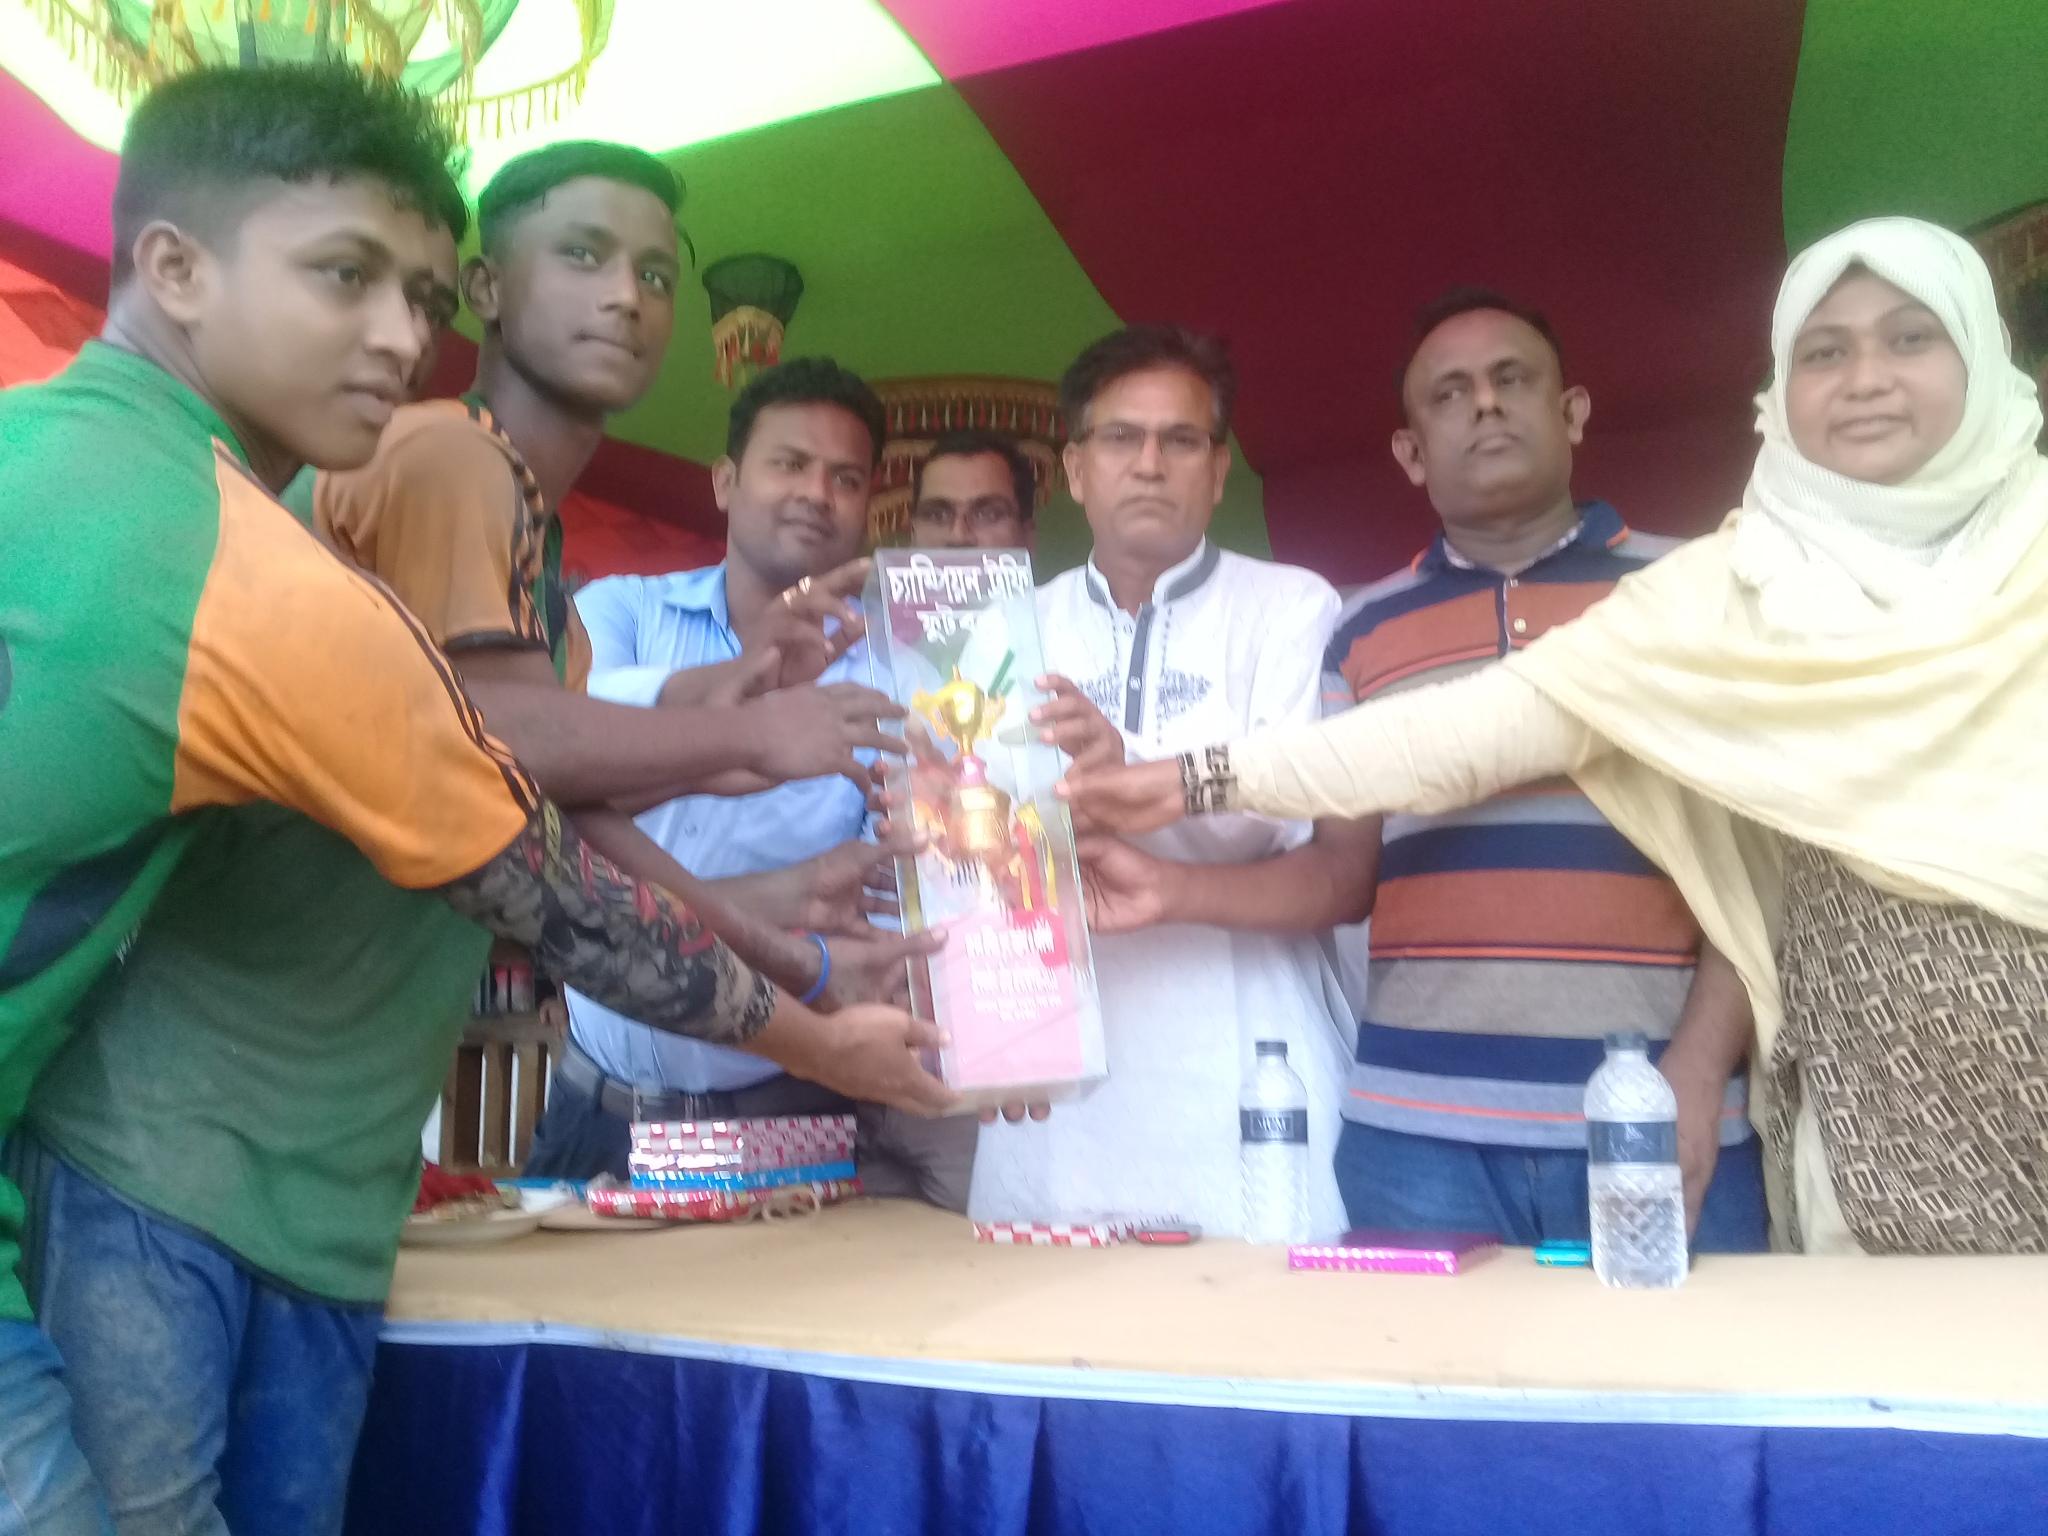 তালা উপজেলায় আন্ত:ফুটবল টুর্নামেন্টে কুমিরা বহুমুখী মাধ্যমিক বিদ্যালয় চ্যাম্পিয়ন